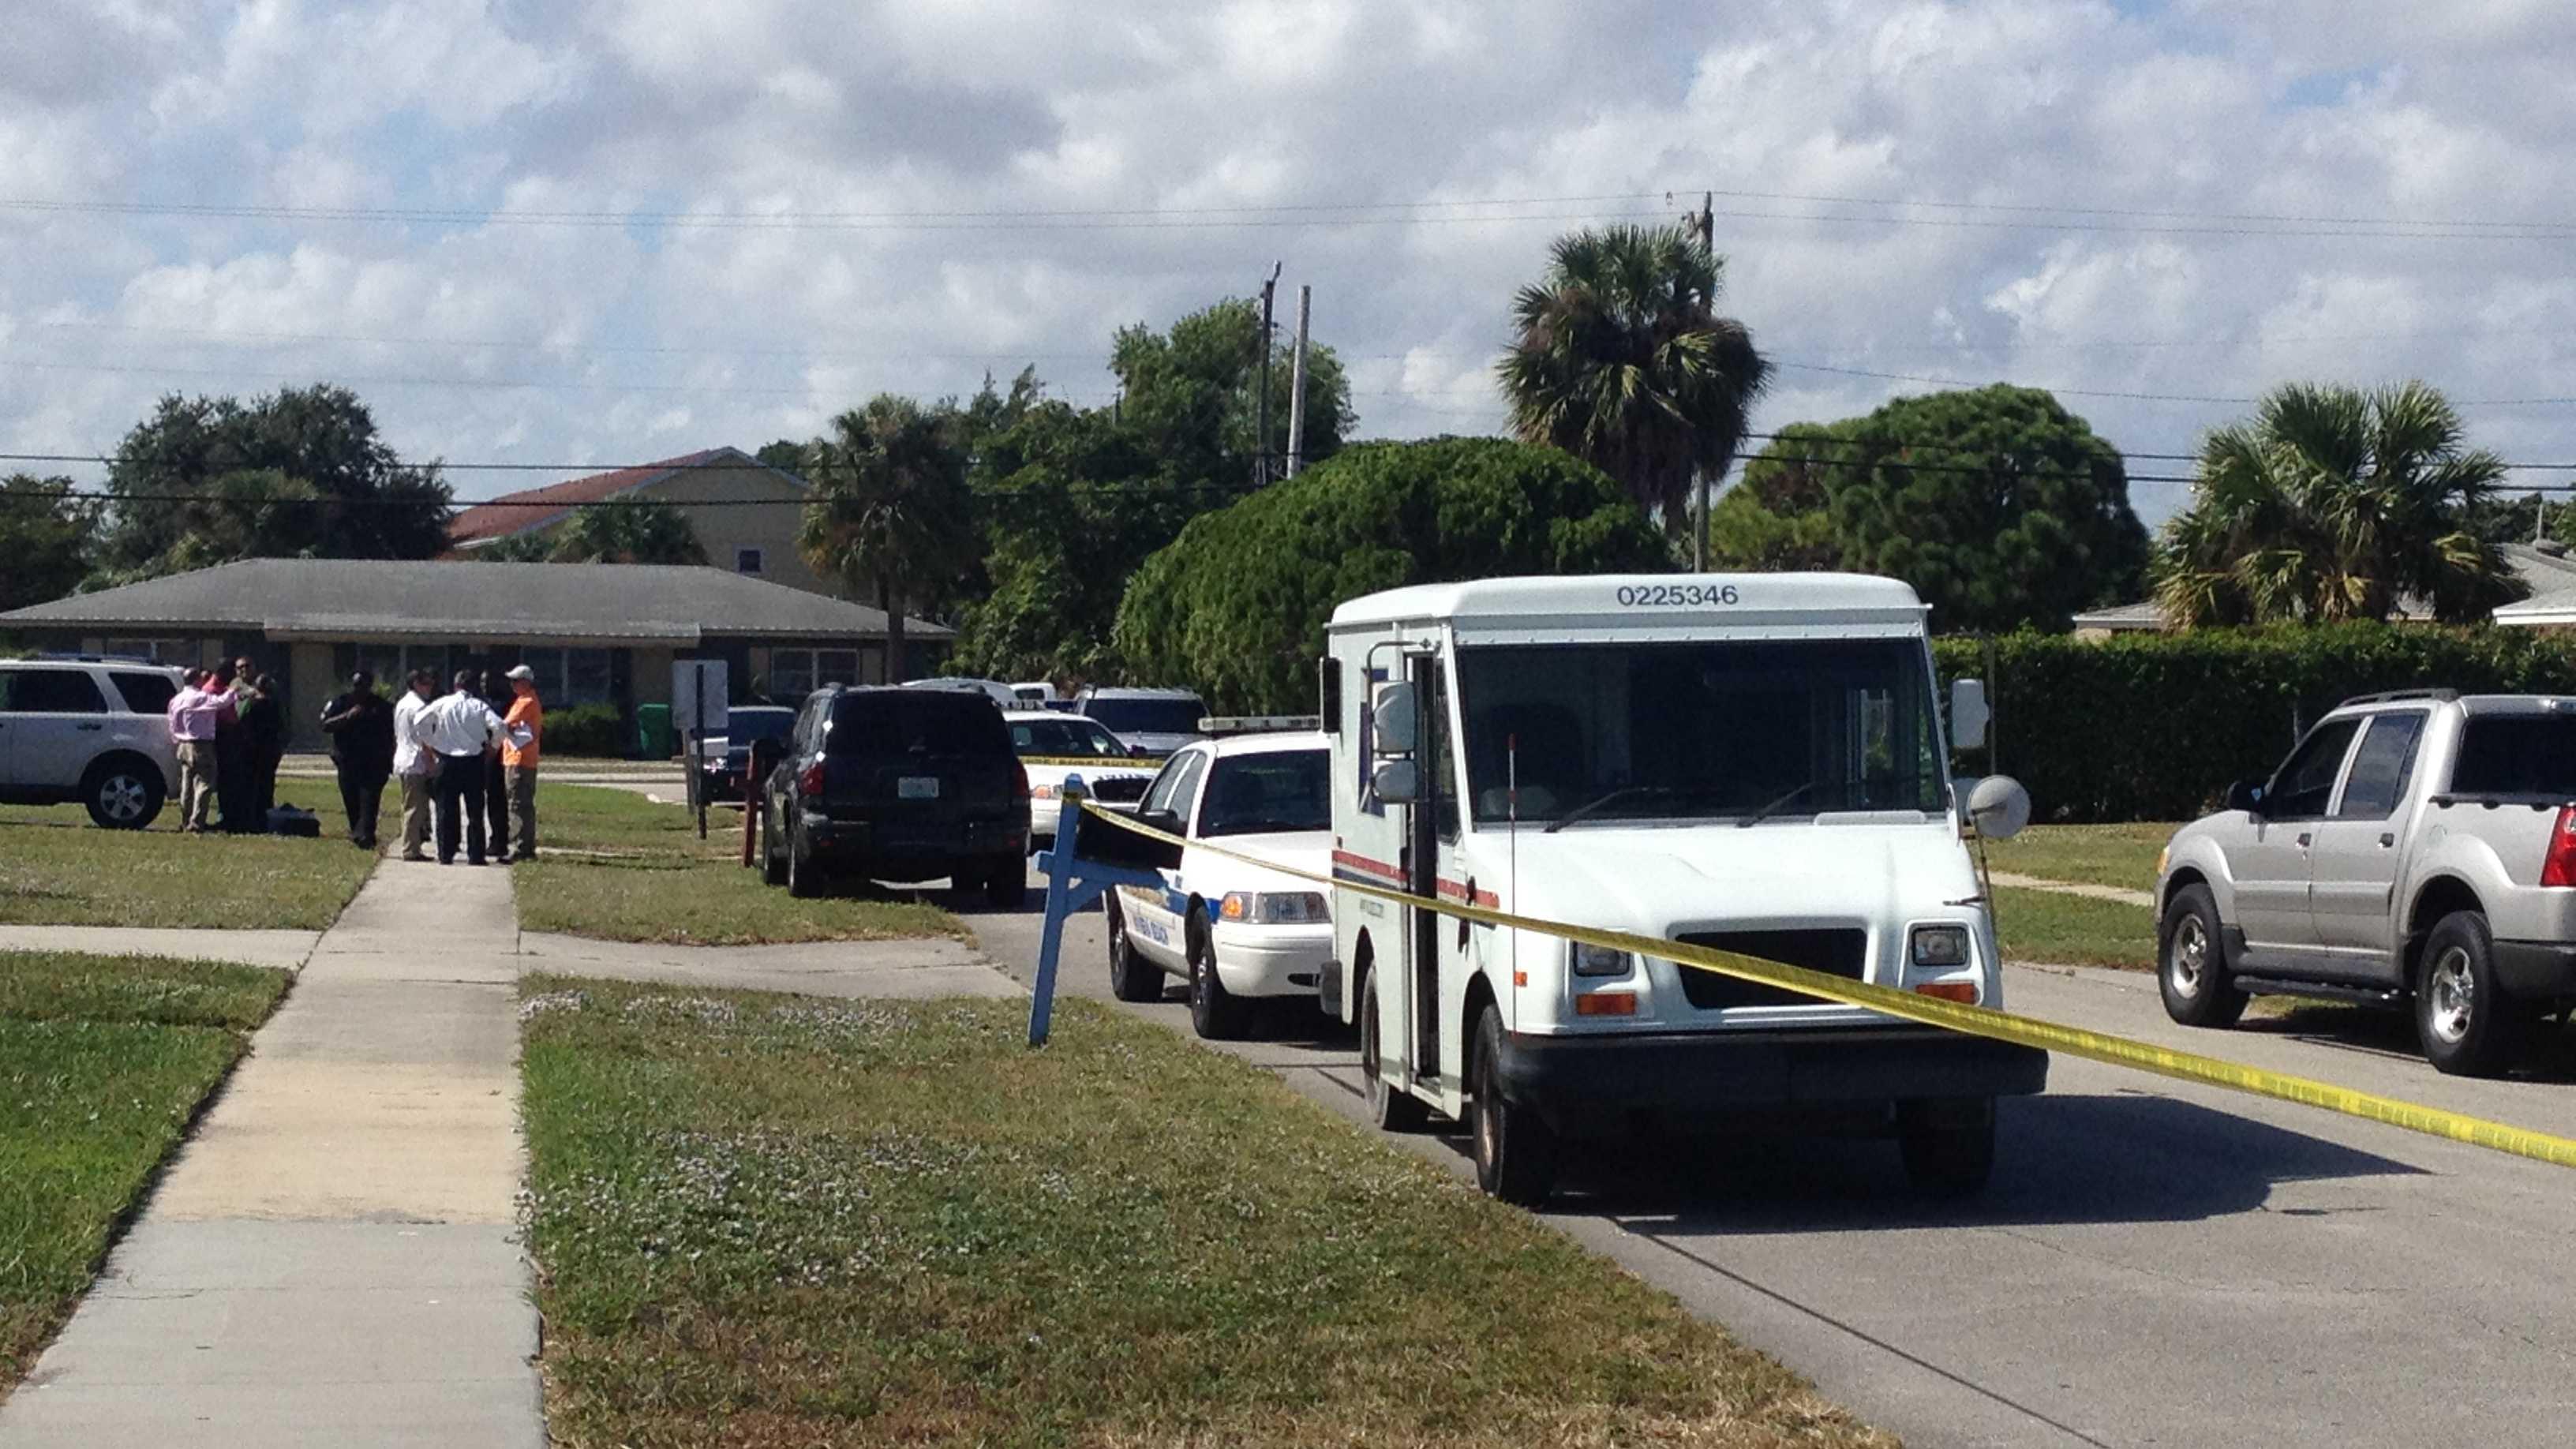 Postman found dead